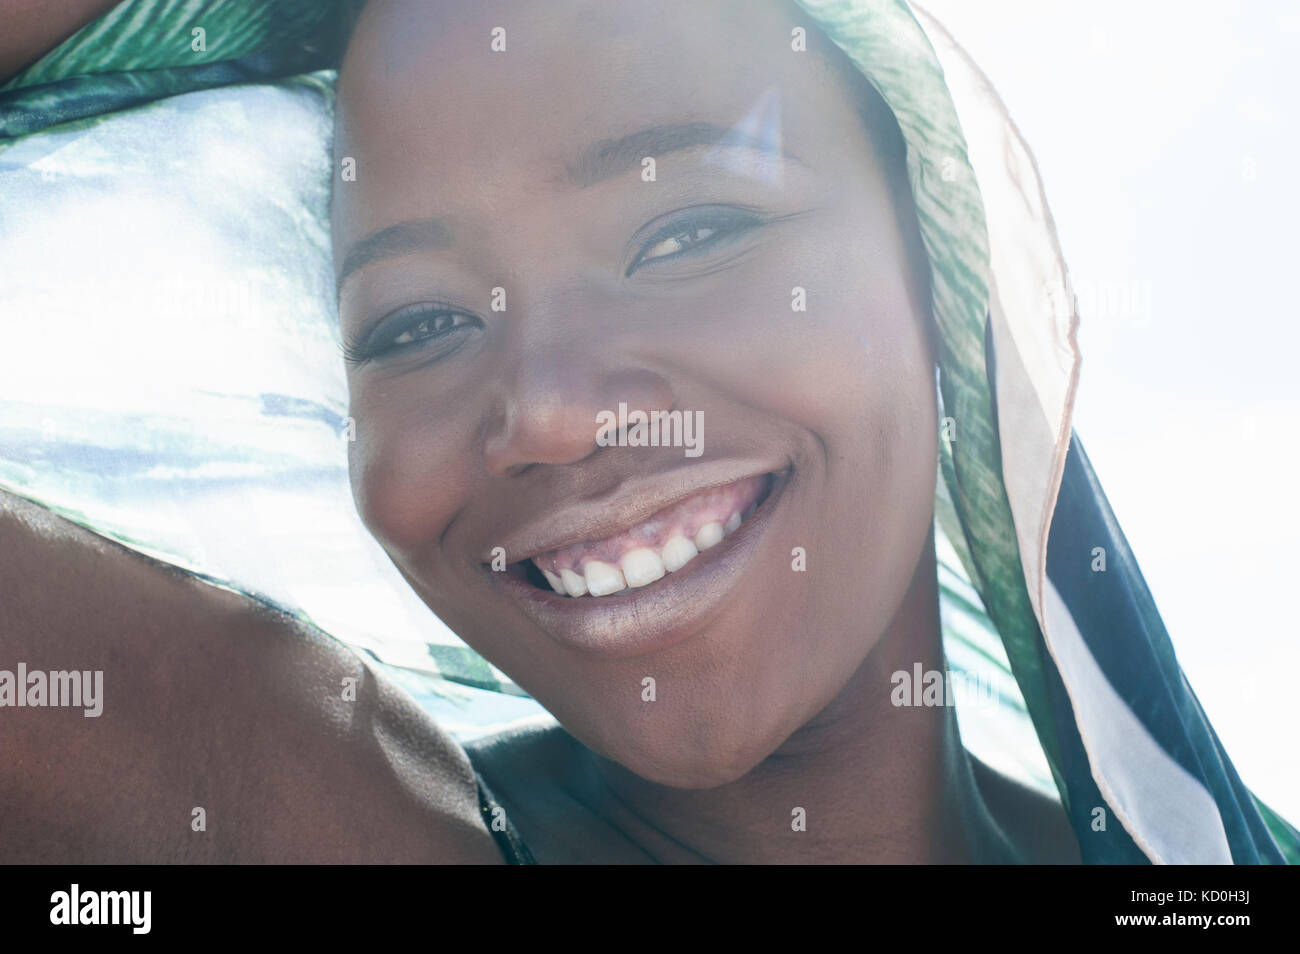 Portrait of young woman on beach, smiling, foulard dentelle drapée autour d'elle, close-up Photo Stock